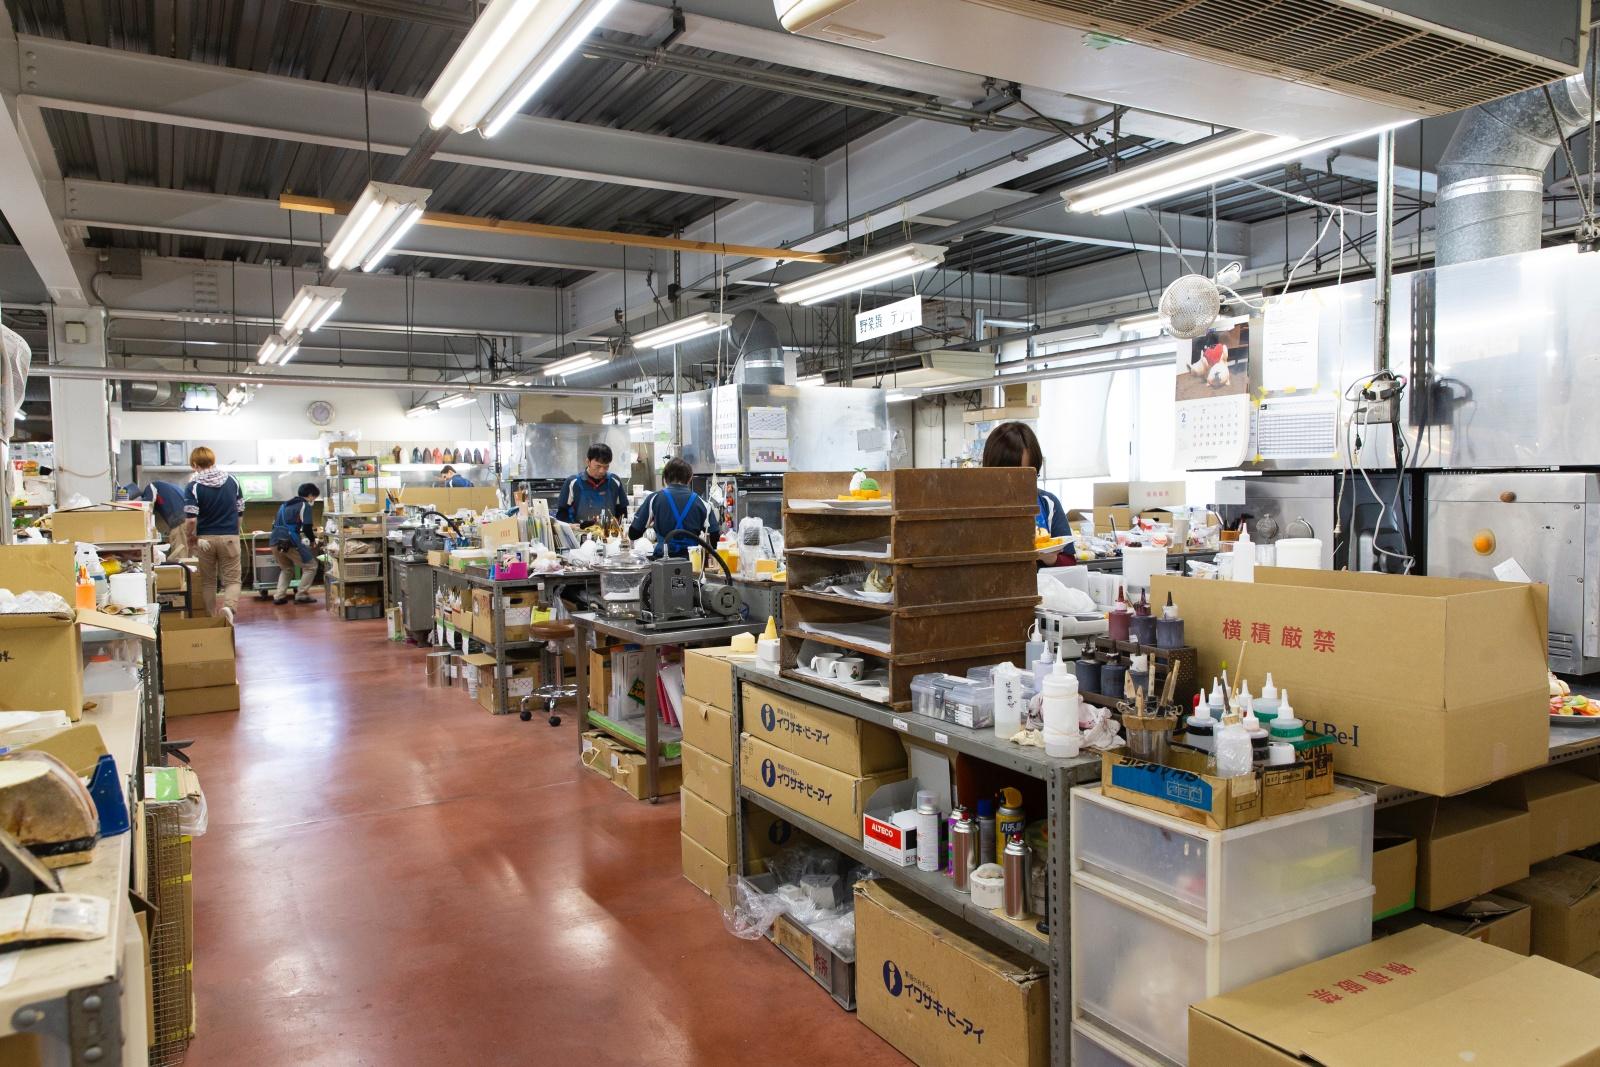 食品サンプル工場内部